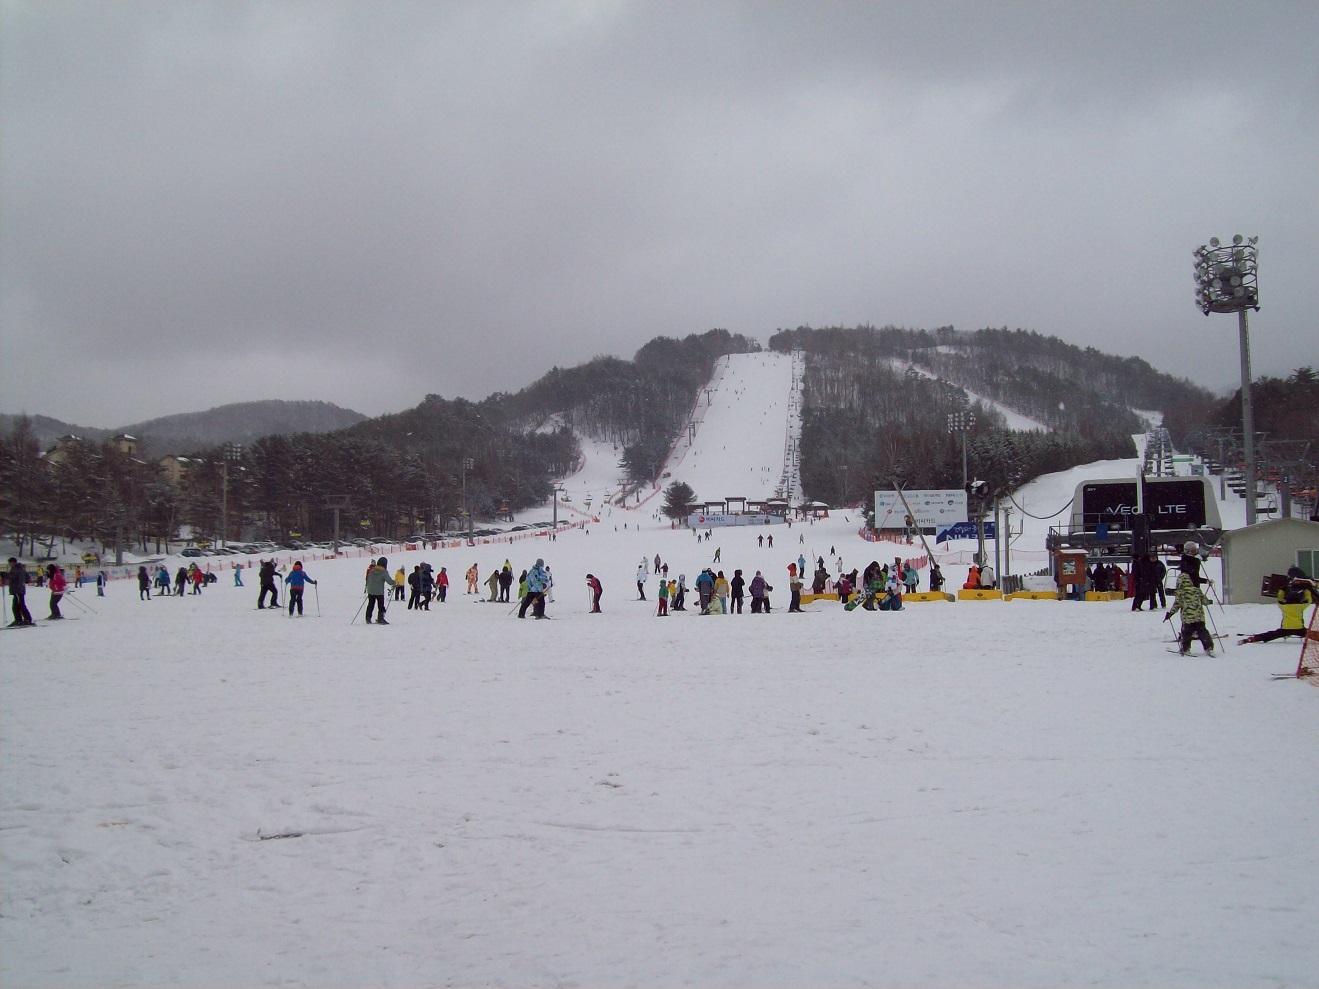 Red Course, PyeongChang-Yongpyong